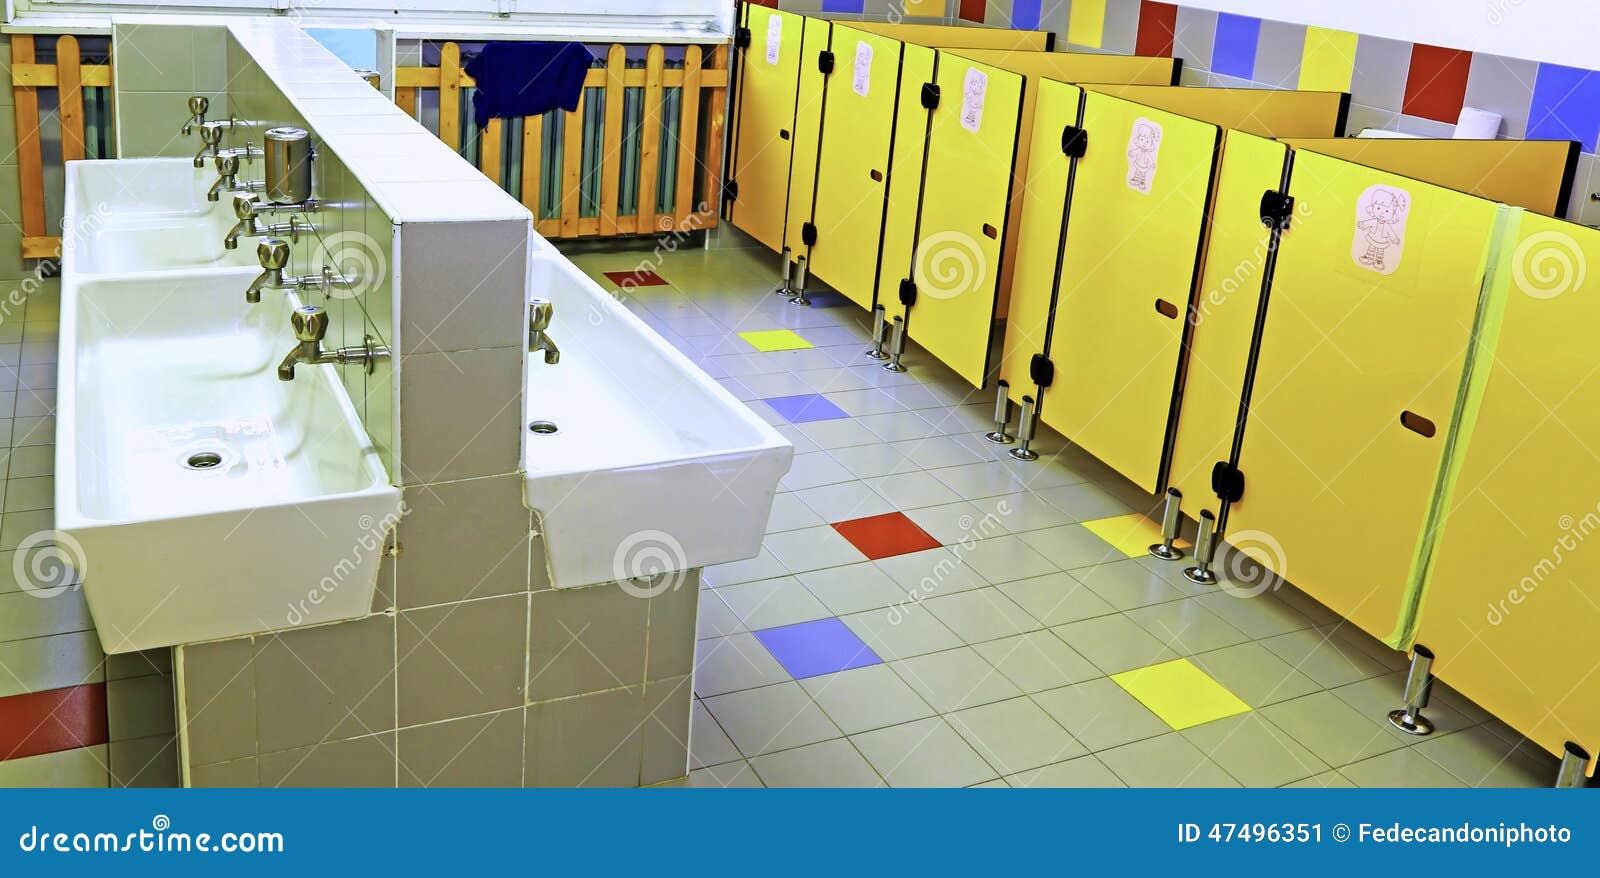 Badkamers Van Een Kinderdagverblijf Met Witte Gootstenen En Gele Toiletdeuren # Wasbak Geel_212052